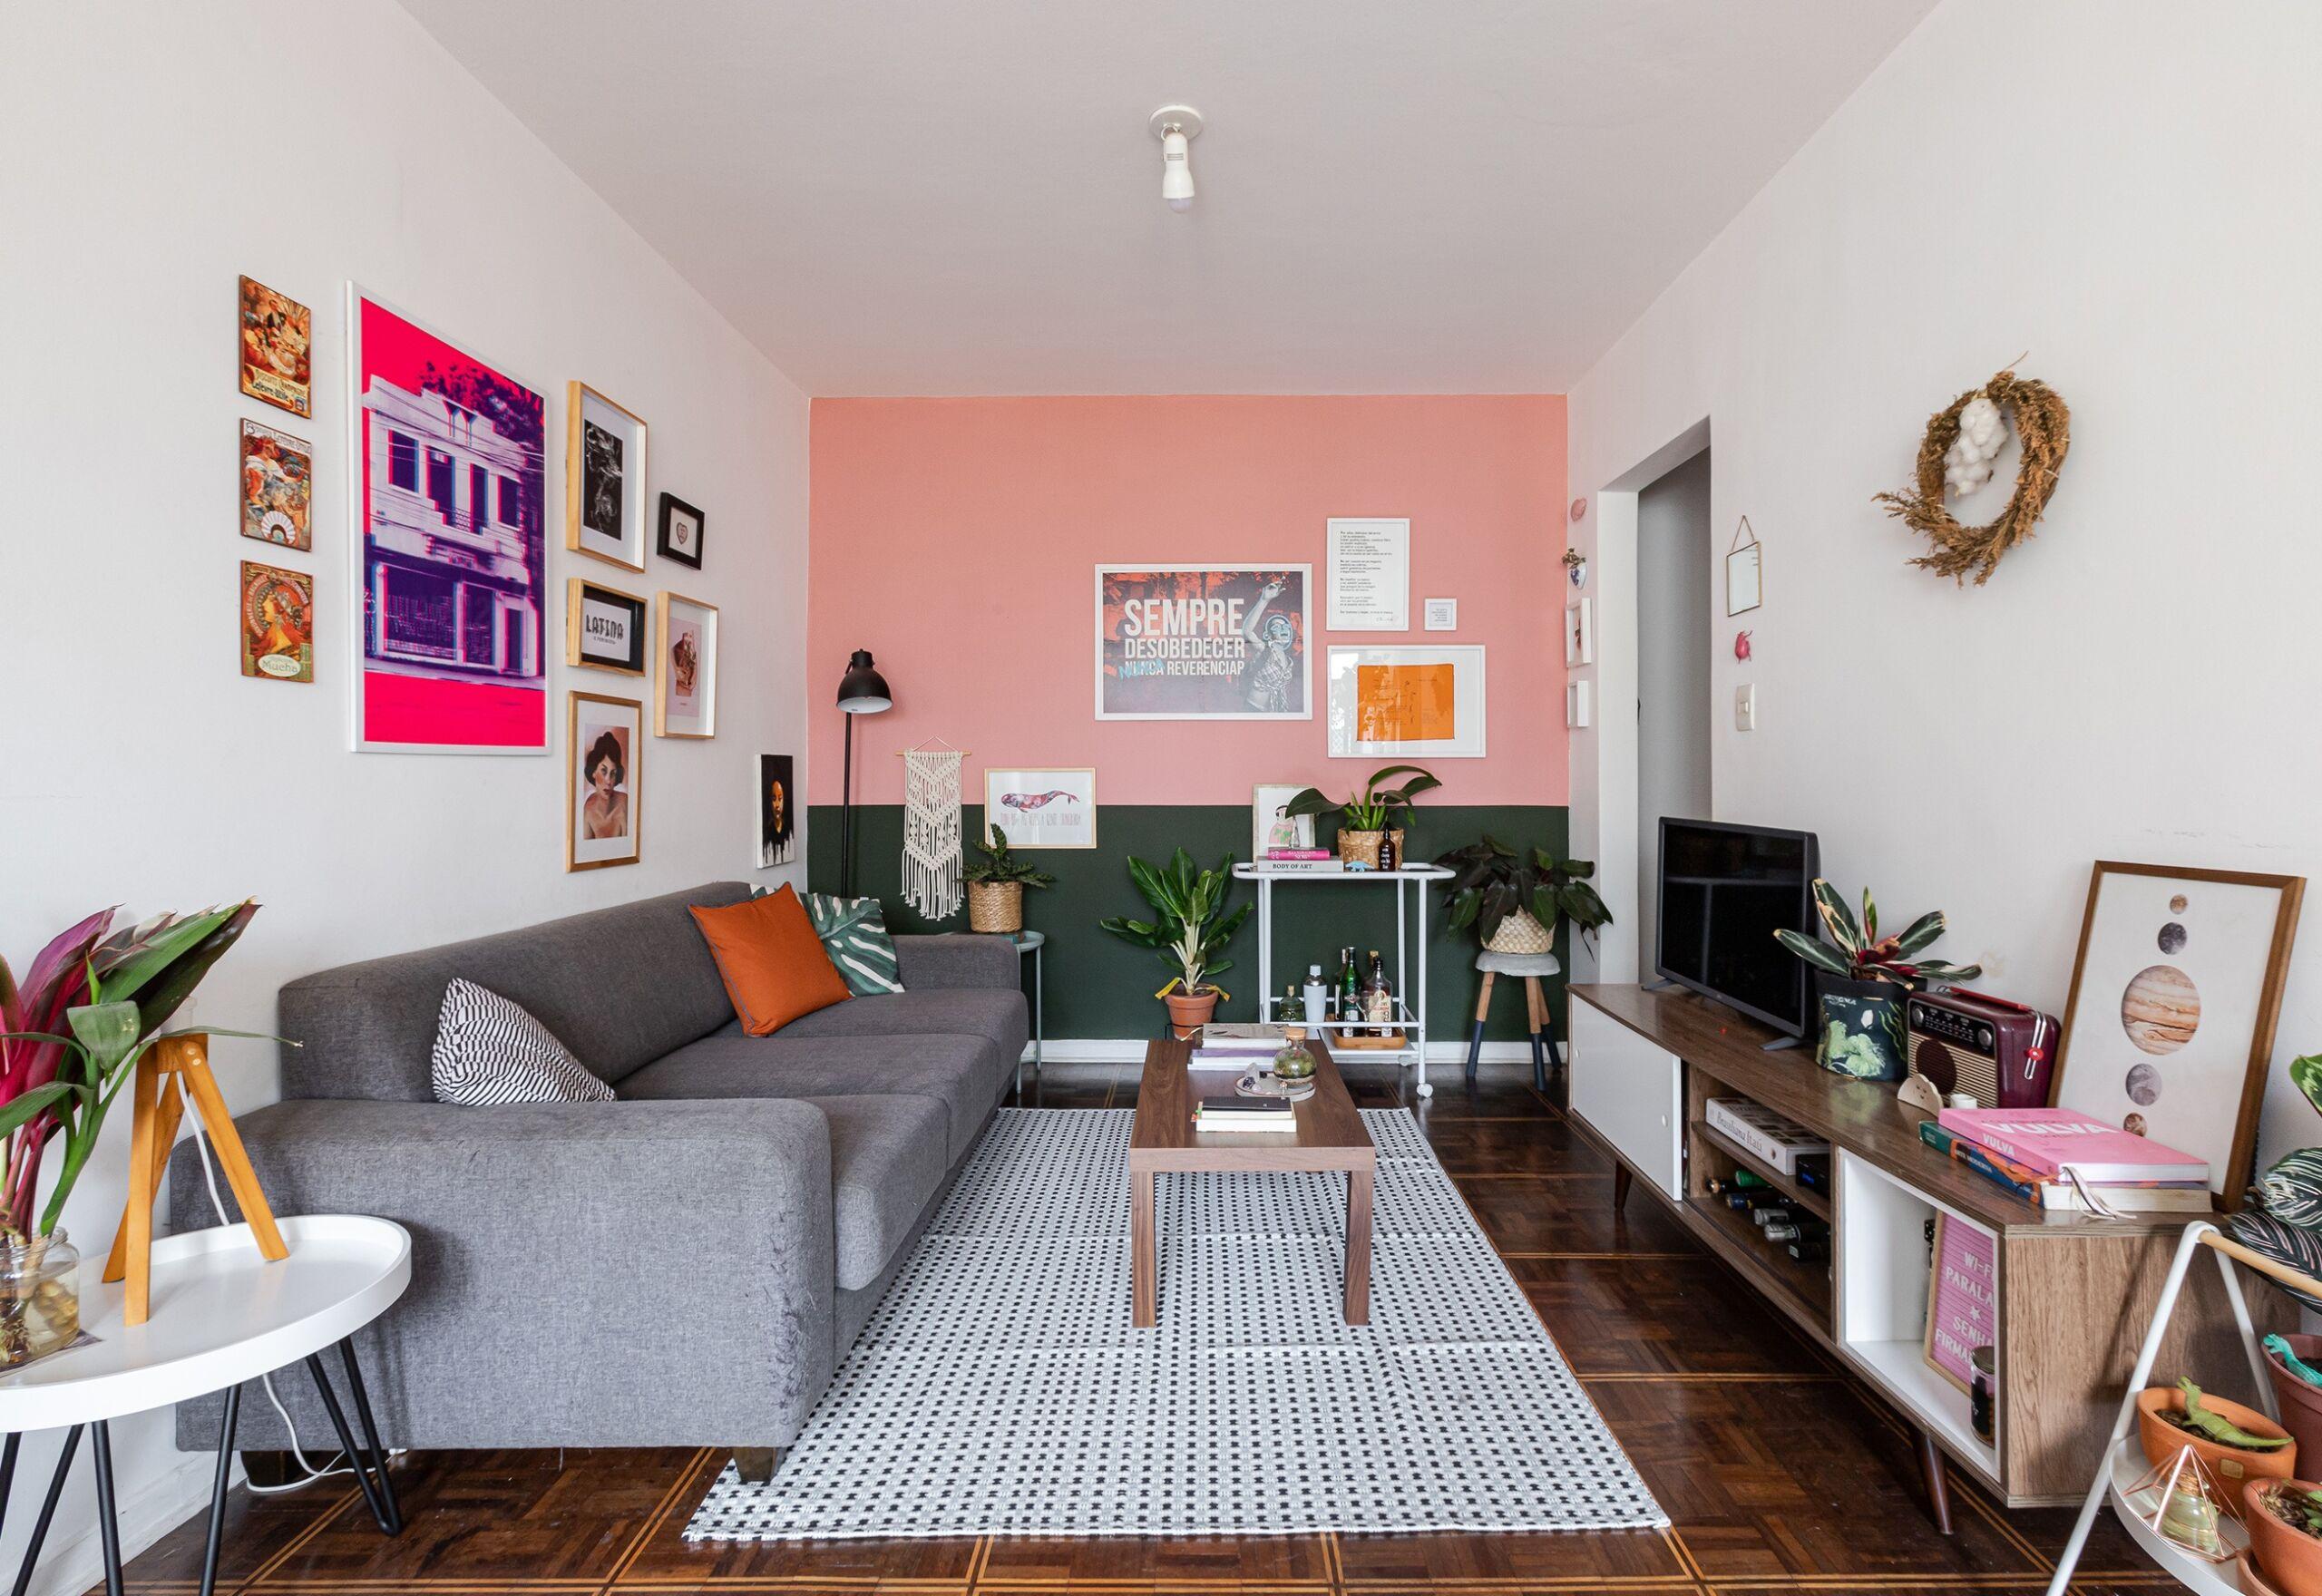 sala-decoração-sala-com-parede-verde-e-rosa